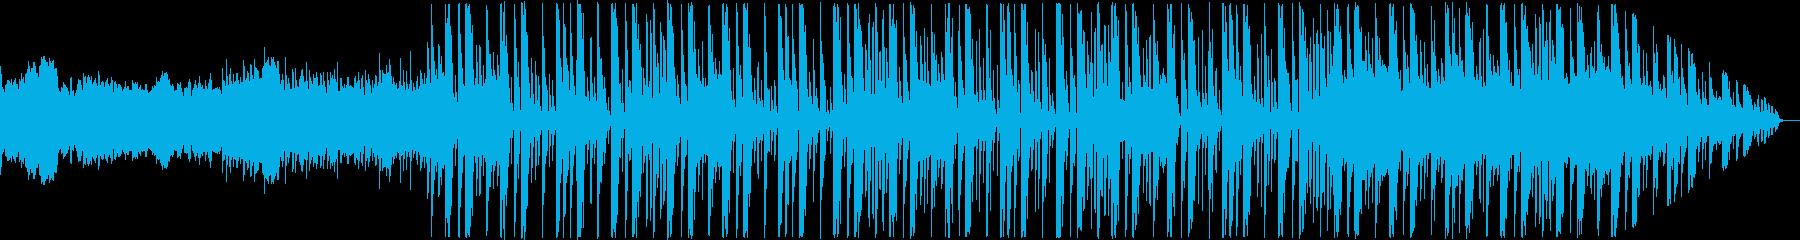 人気のある電子機器 積極的 焦り ...の再生済みの波形